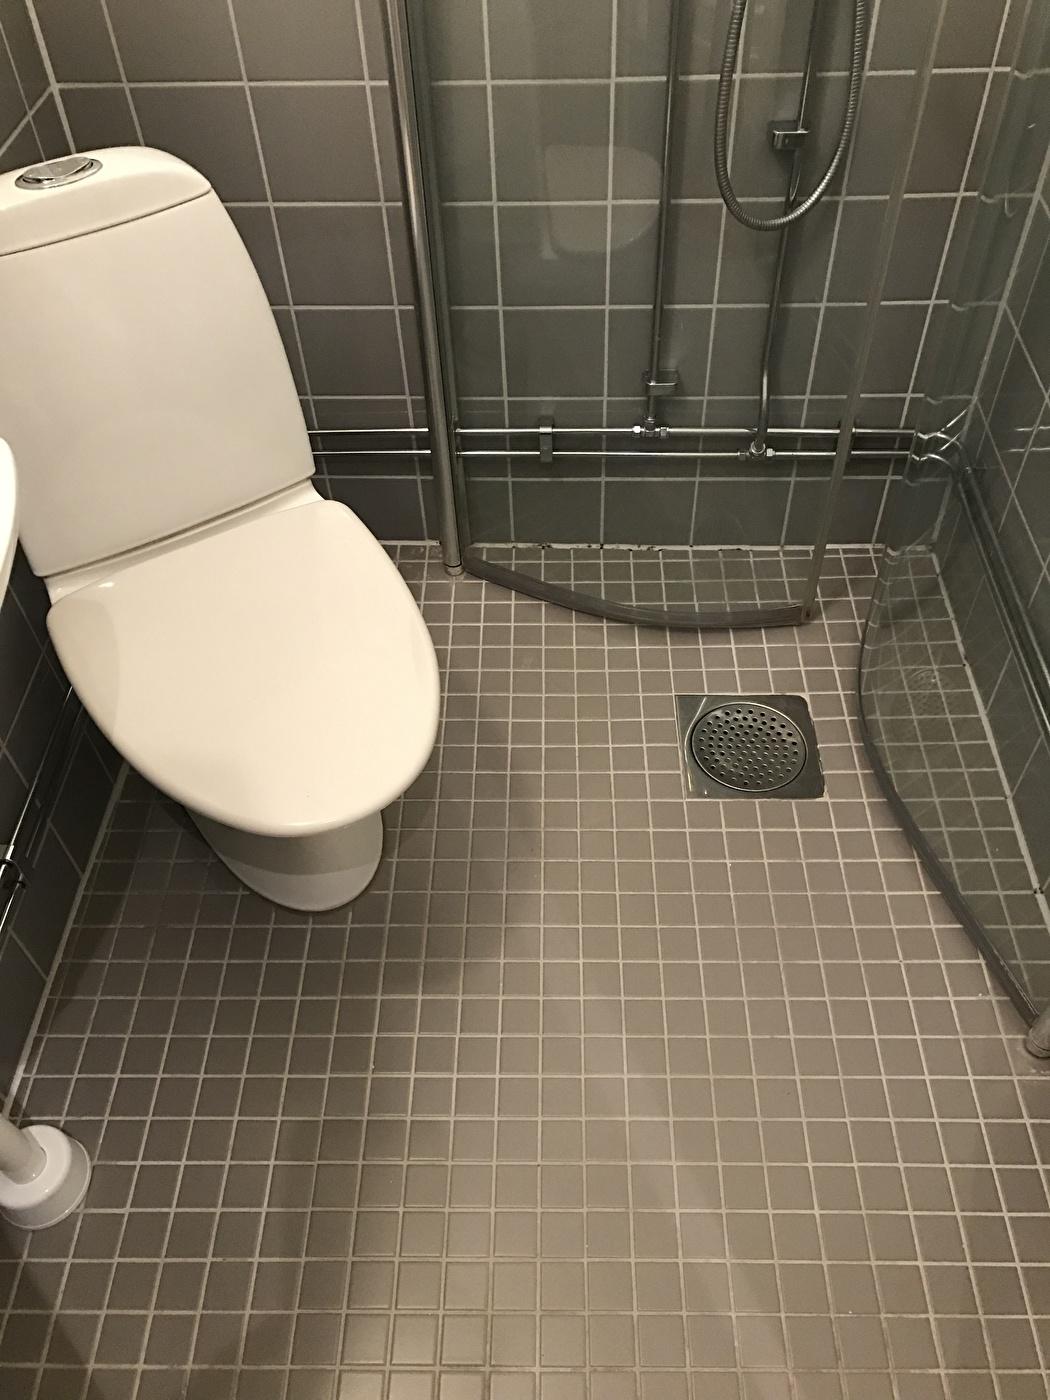 Badrum golvbrunn badrum : Badrumsrengöring - Badrumsstädning